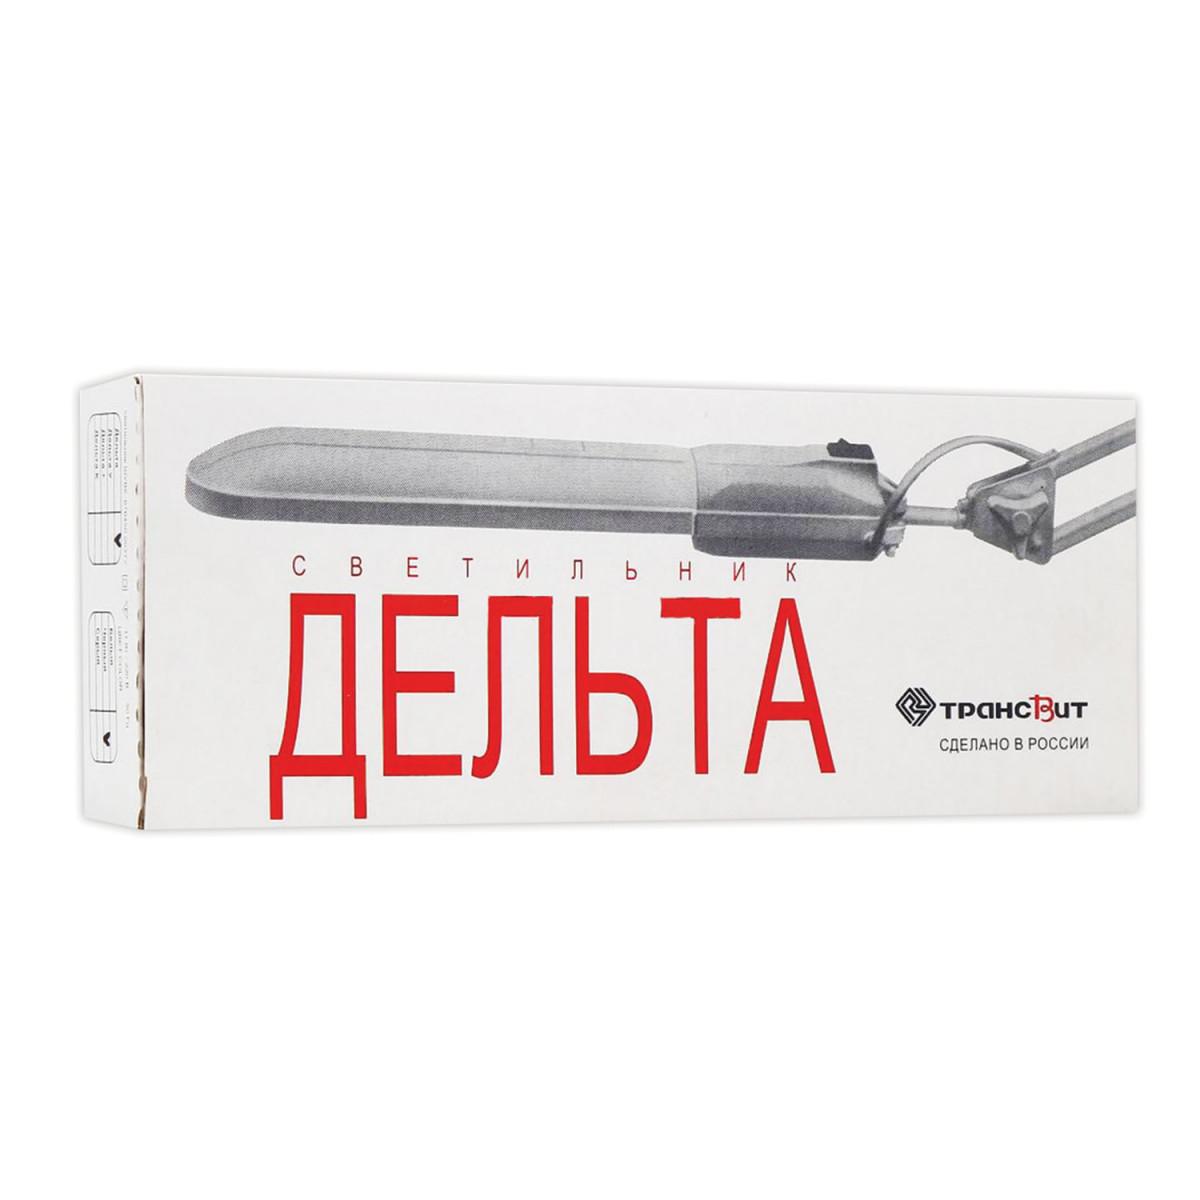 """Светильник настольный """"Дельта +"""", на подставке, люминесцентный, 11 Вт, черный, высота 70 см, 2G7"""